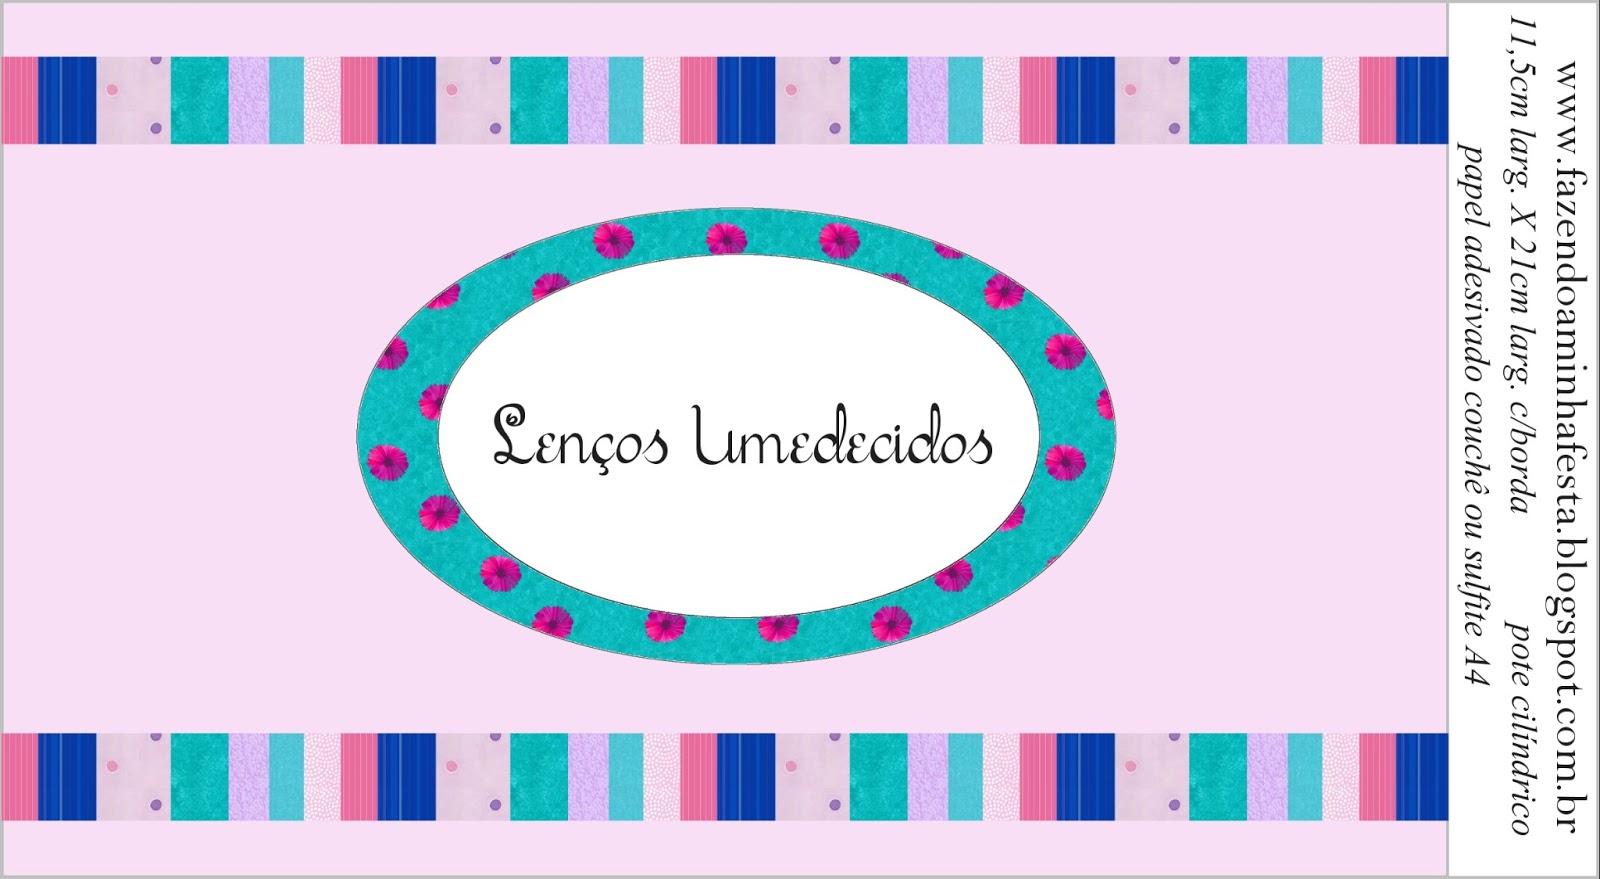 Kit Toillet Banheiro Azul Rosa e Lilás Fazendo a Minha Festa #0C3BA3 1600x879 Banheiro Azul E Rosa